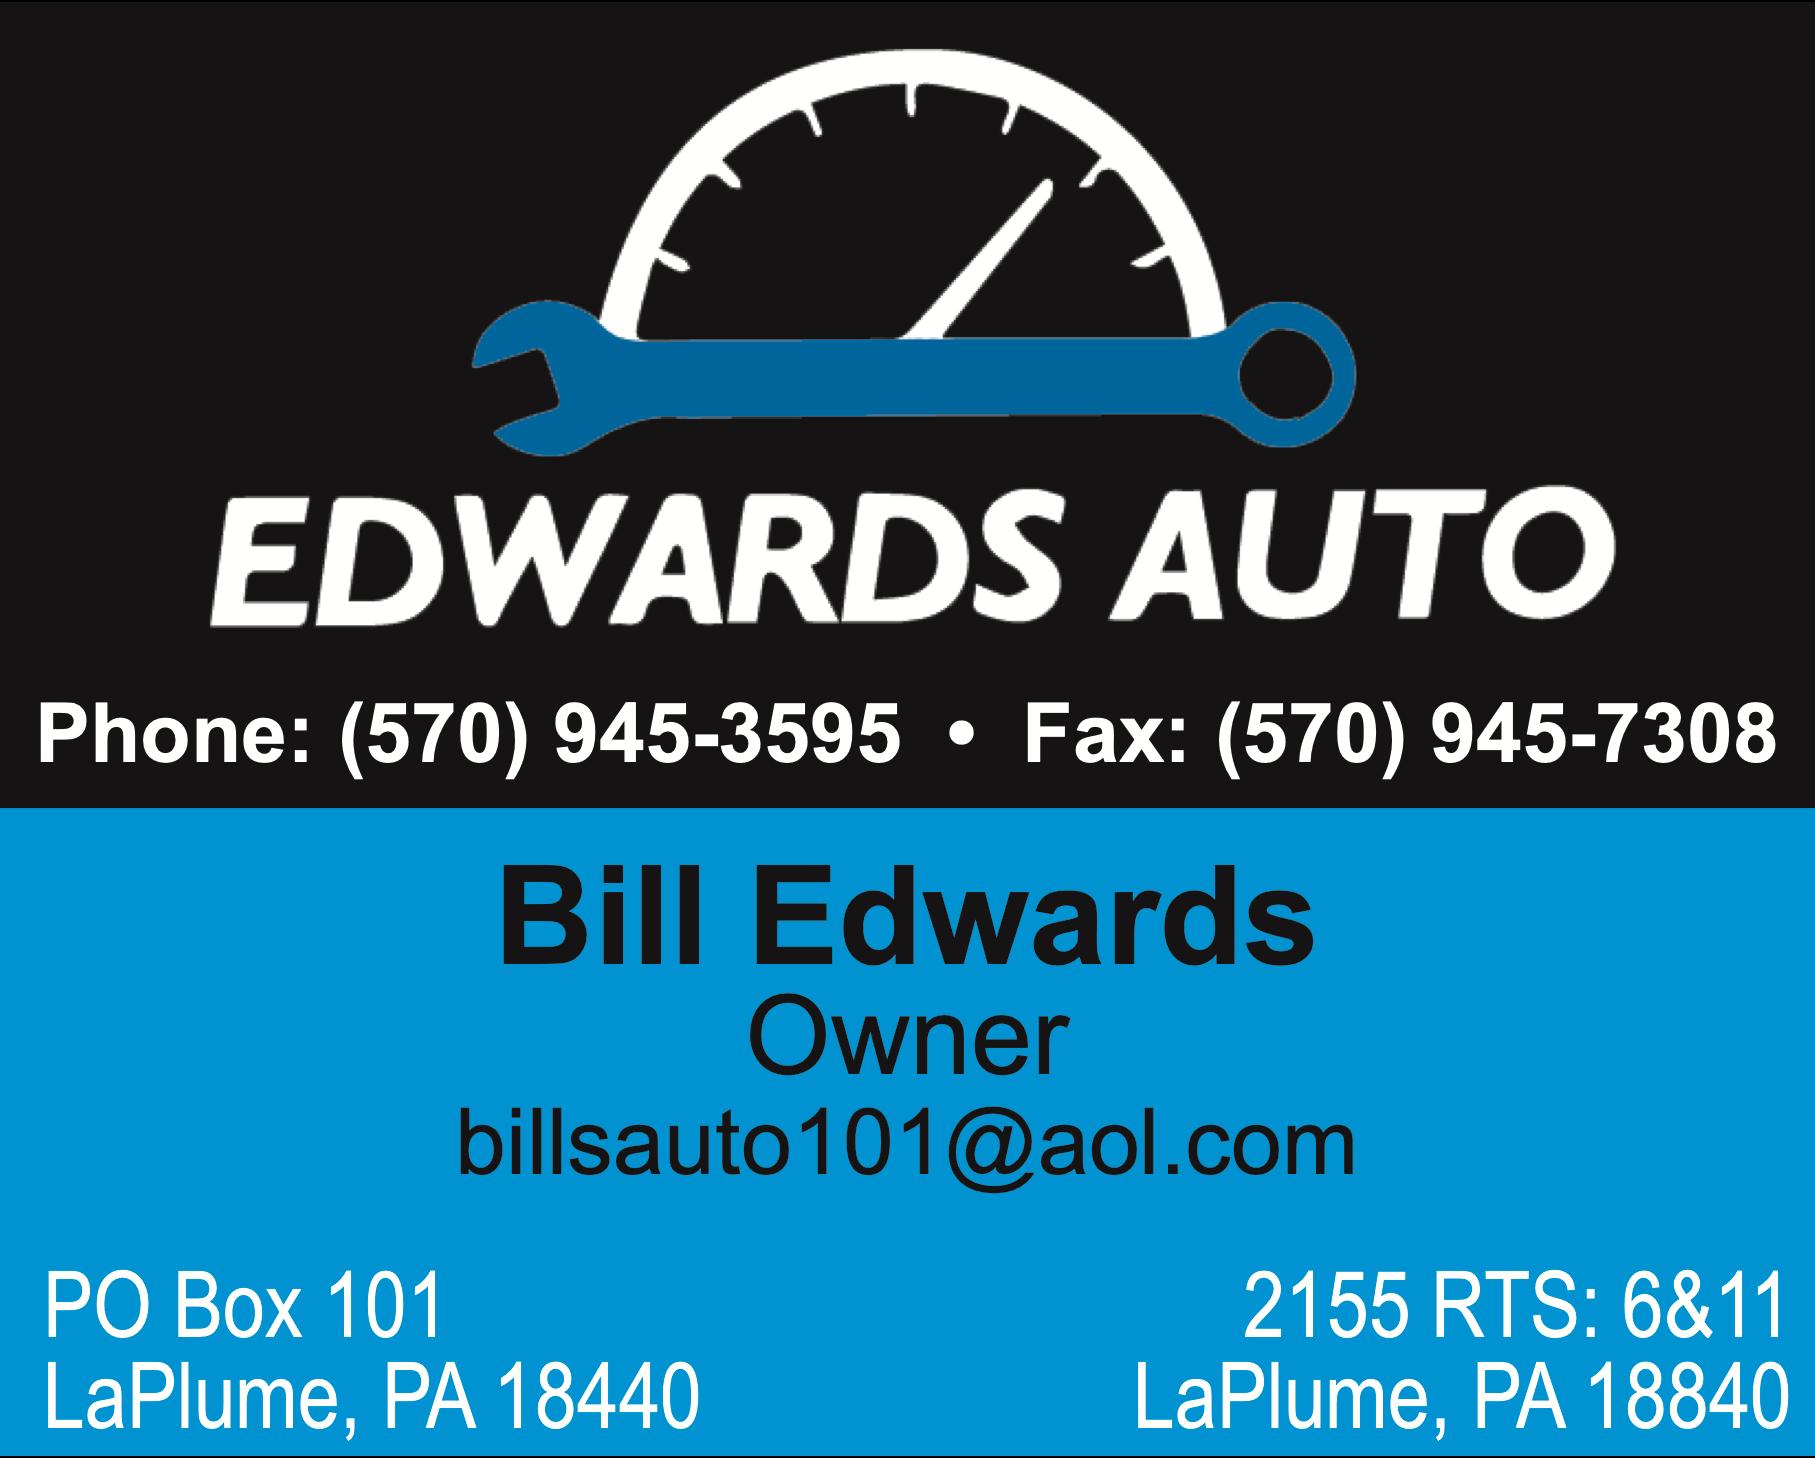 Edwards Auto